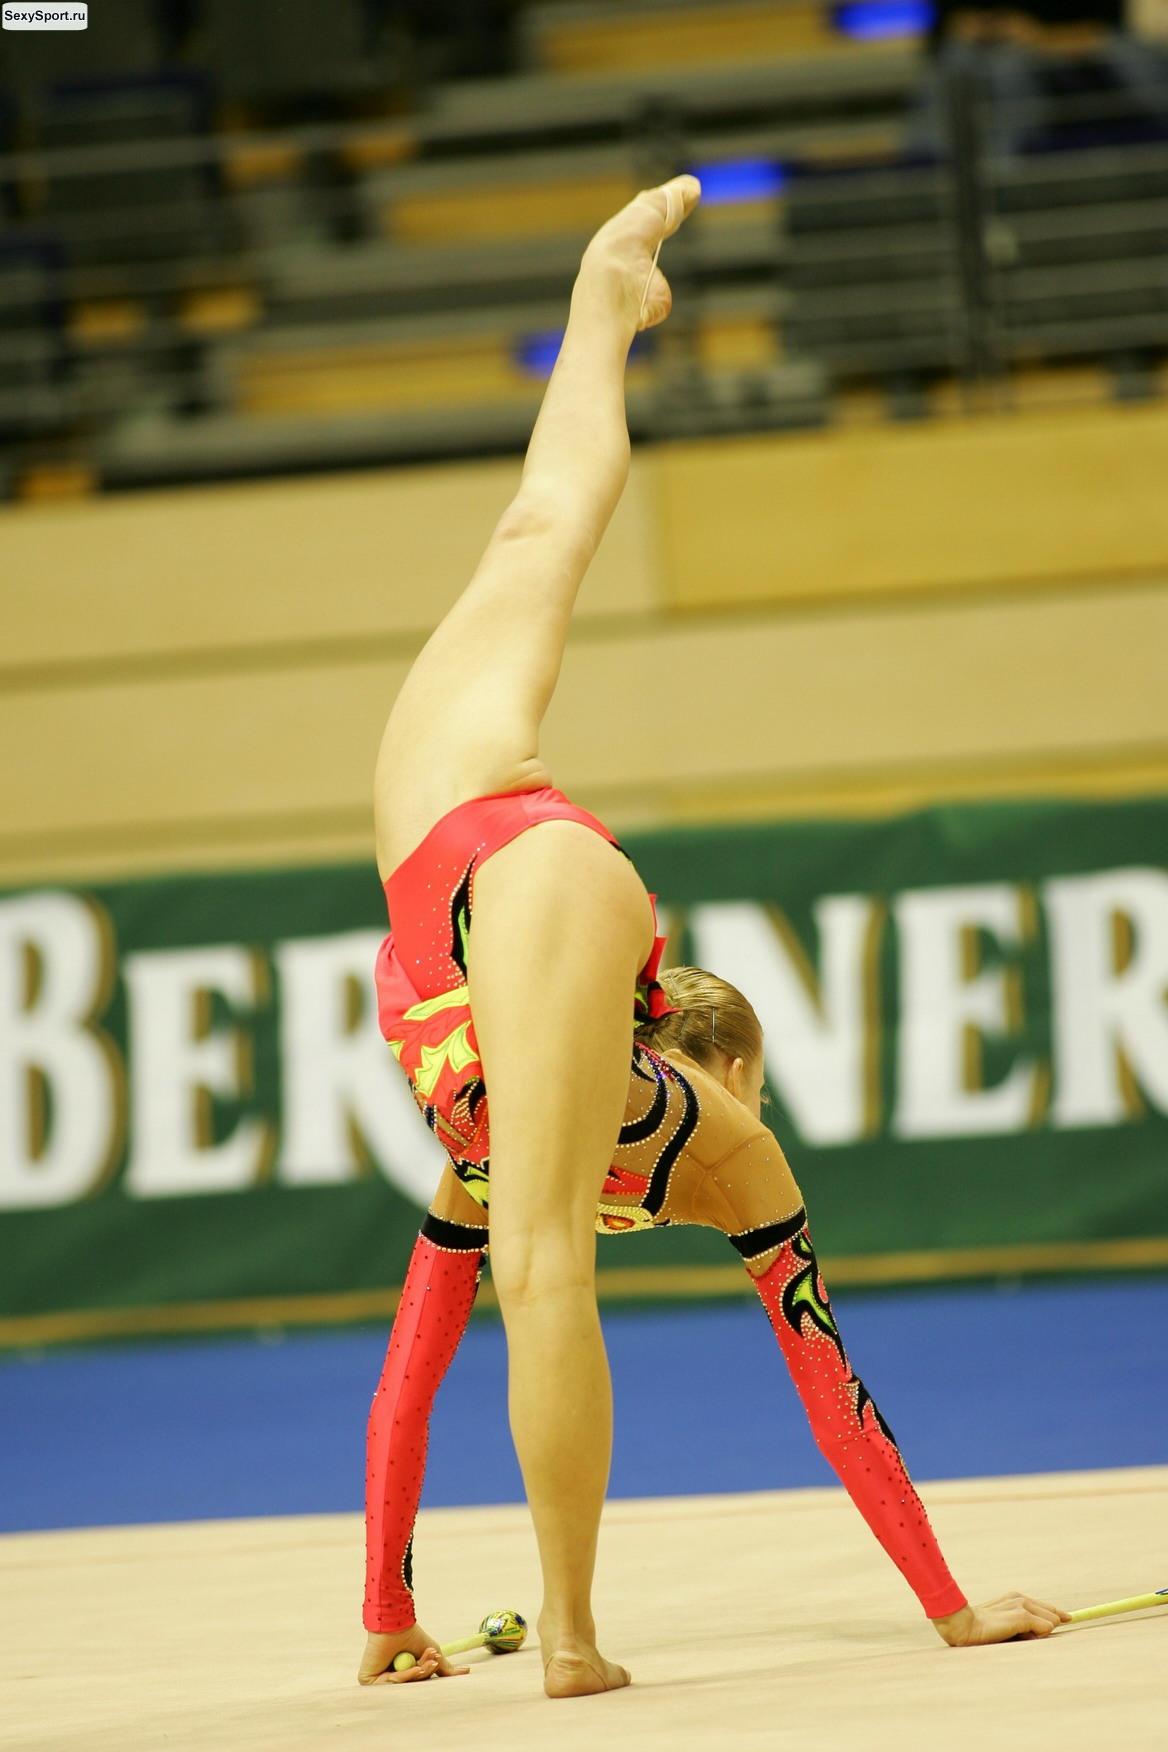 Фото гимнастки без трусов в прыжке 11 фотография